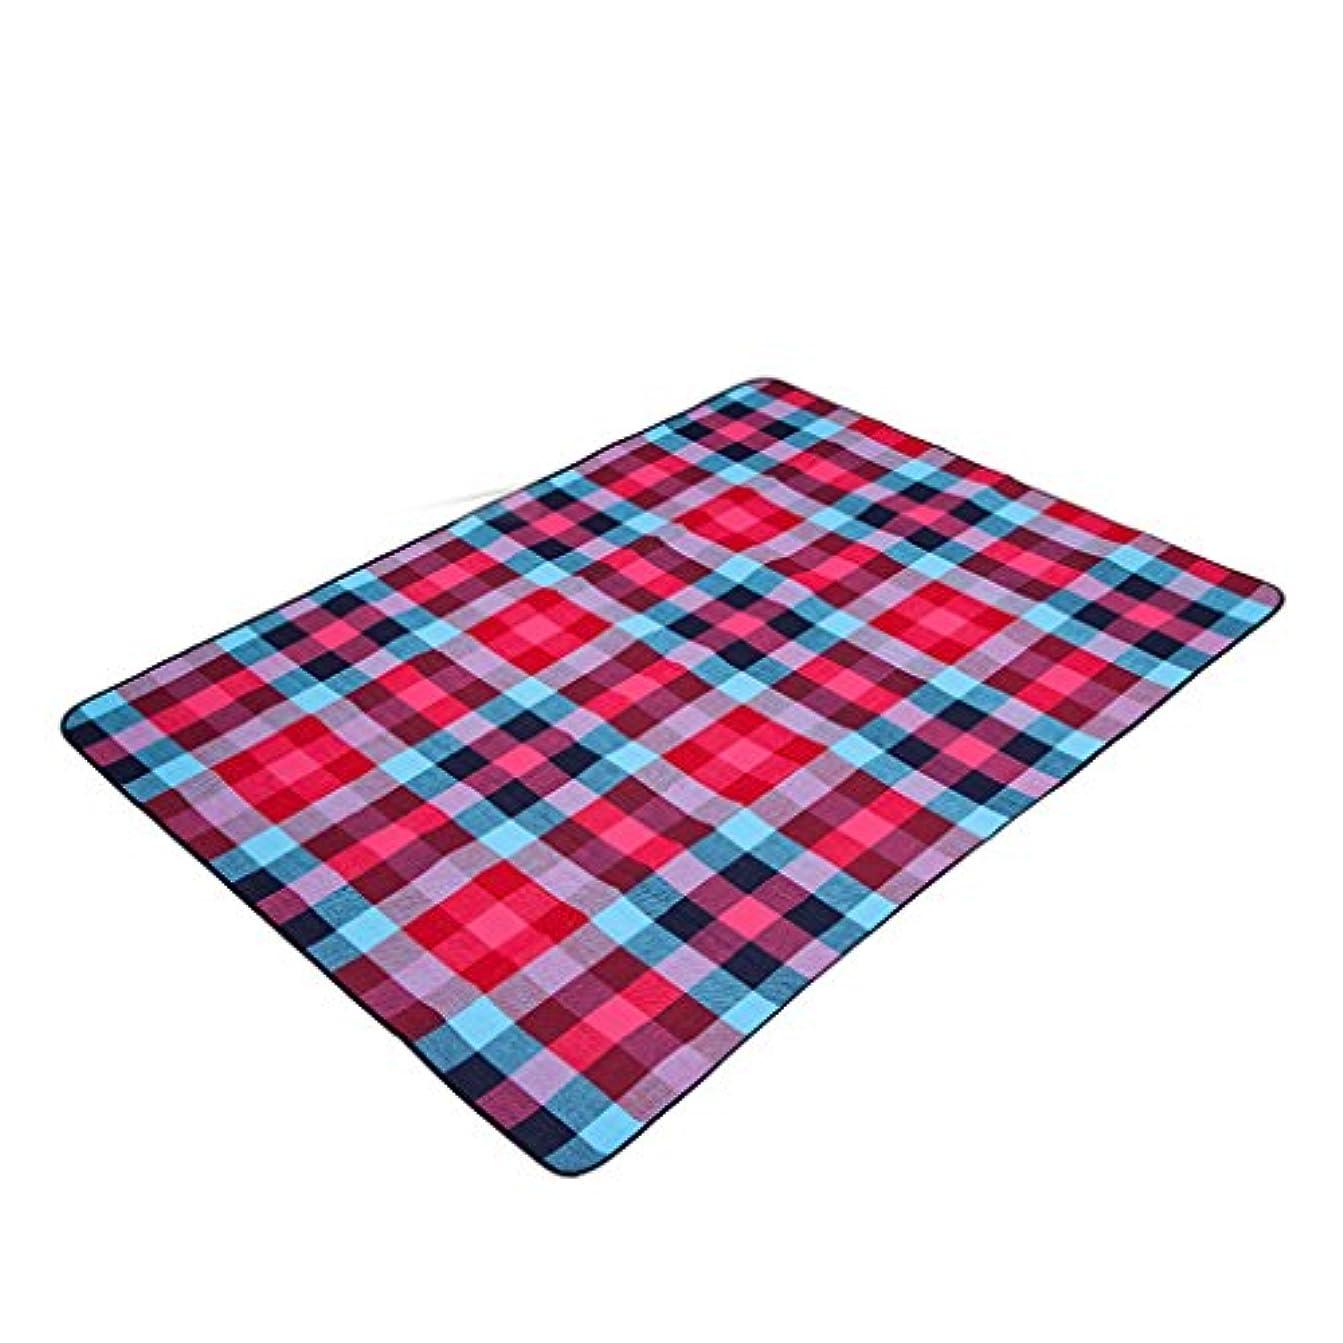 信頼システムカニ厚い防湿性ピクニックブランケットポータブルソフトマットビーチピクニック布 (Size : 200 * 200cm)